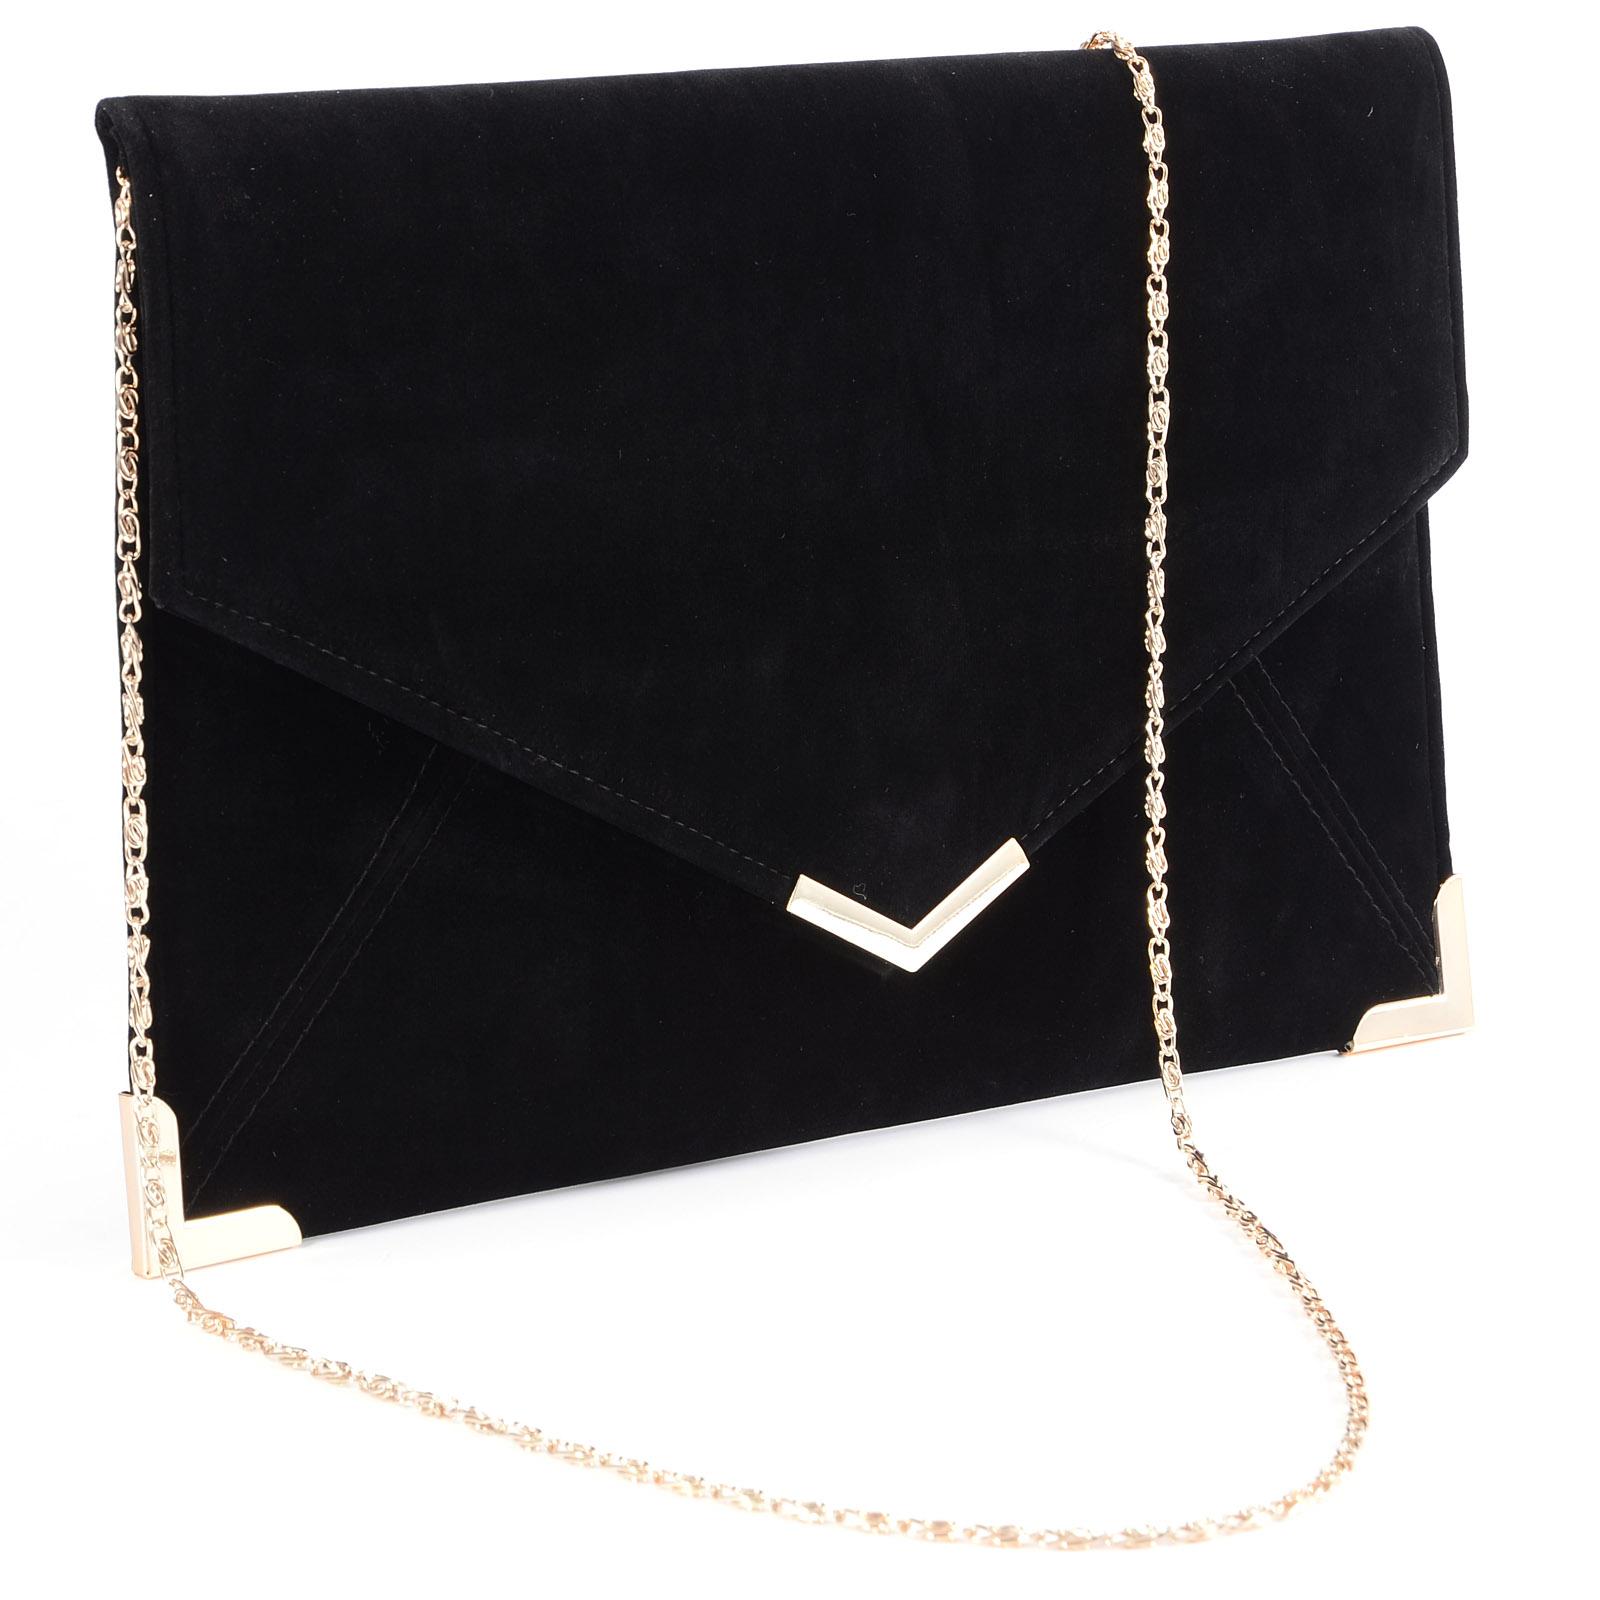 Velours Pochette Mariage Soiree Sac À Main Enveloppe Chaine Bandouliere Velvet Clutch Bag tFBPID